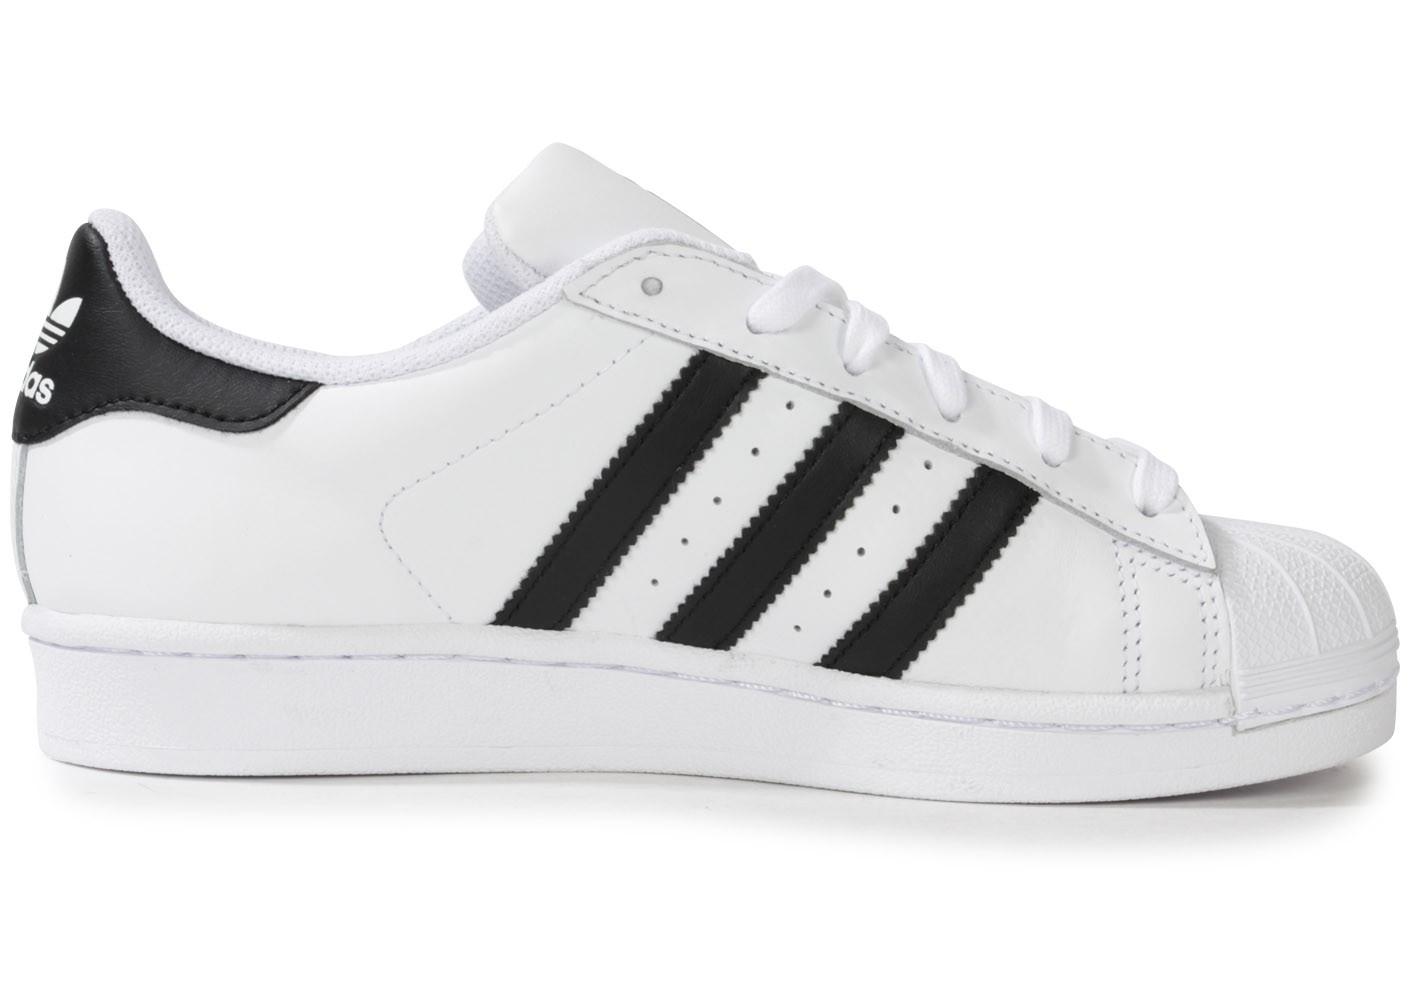 Découvrez tous les styles de chaussure adidas noir et blanche pour hommes,  femmes et enfants dans une gamme de tailles et de styles. 15285bc3a904